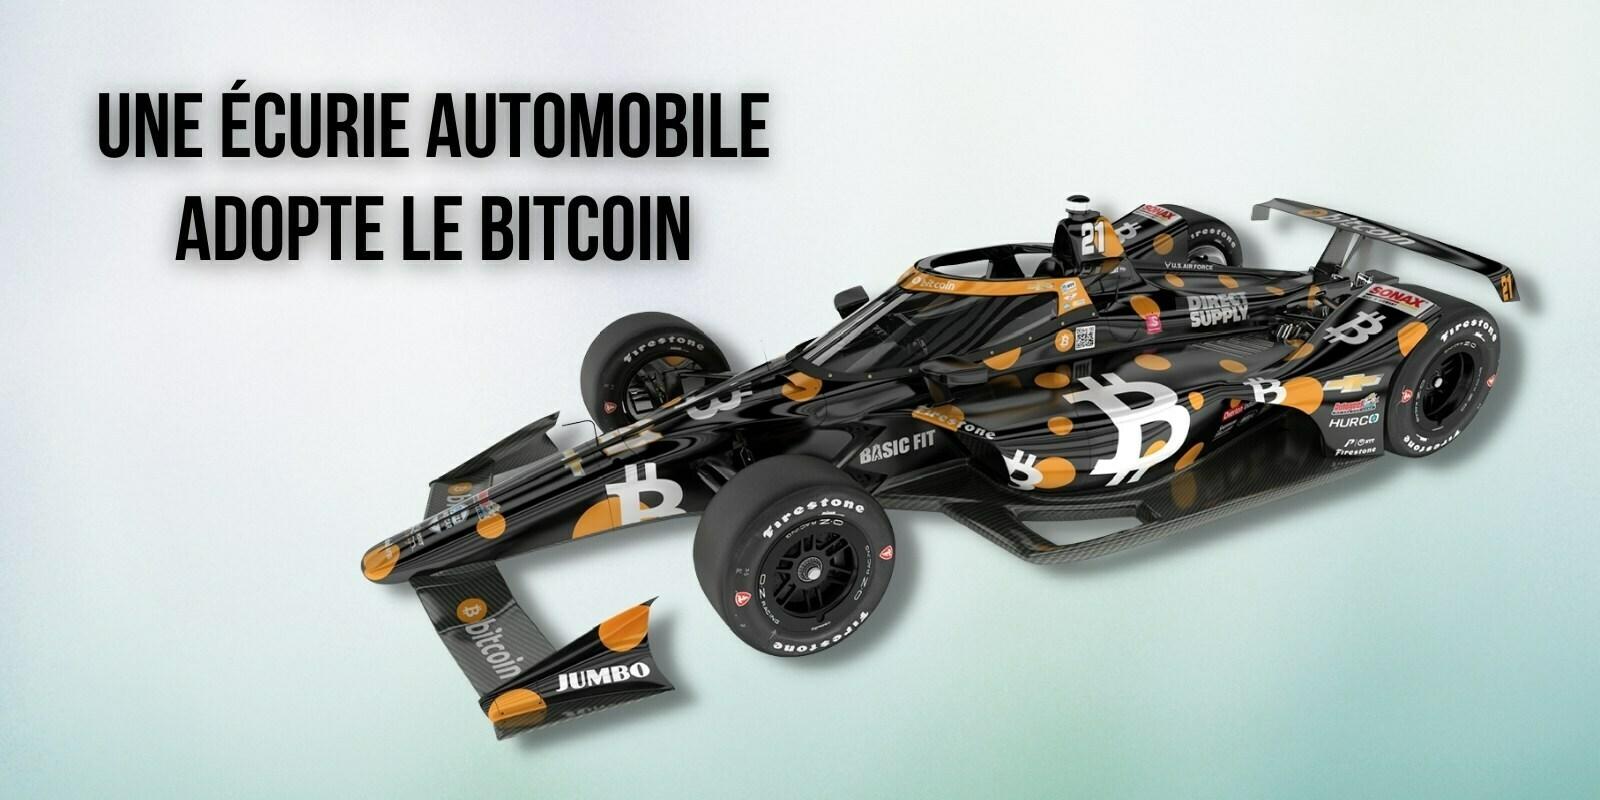 Le Bitcoin (BTC) mis à l'honneur dans une compétition automobile aux États-Unis